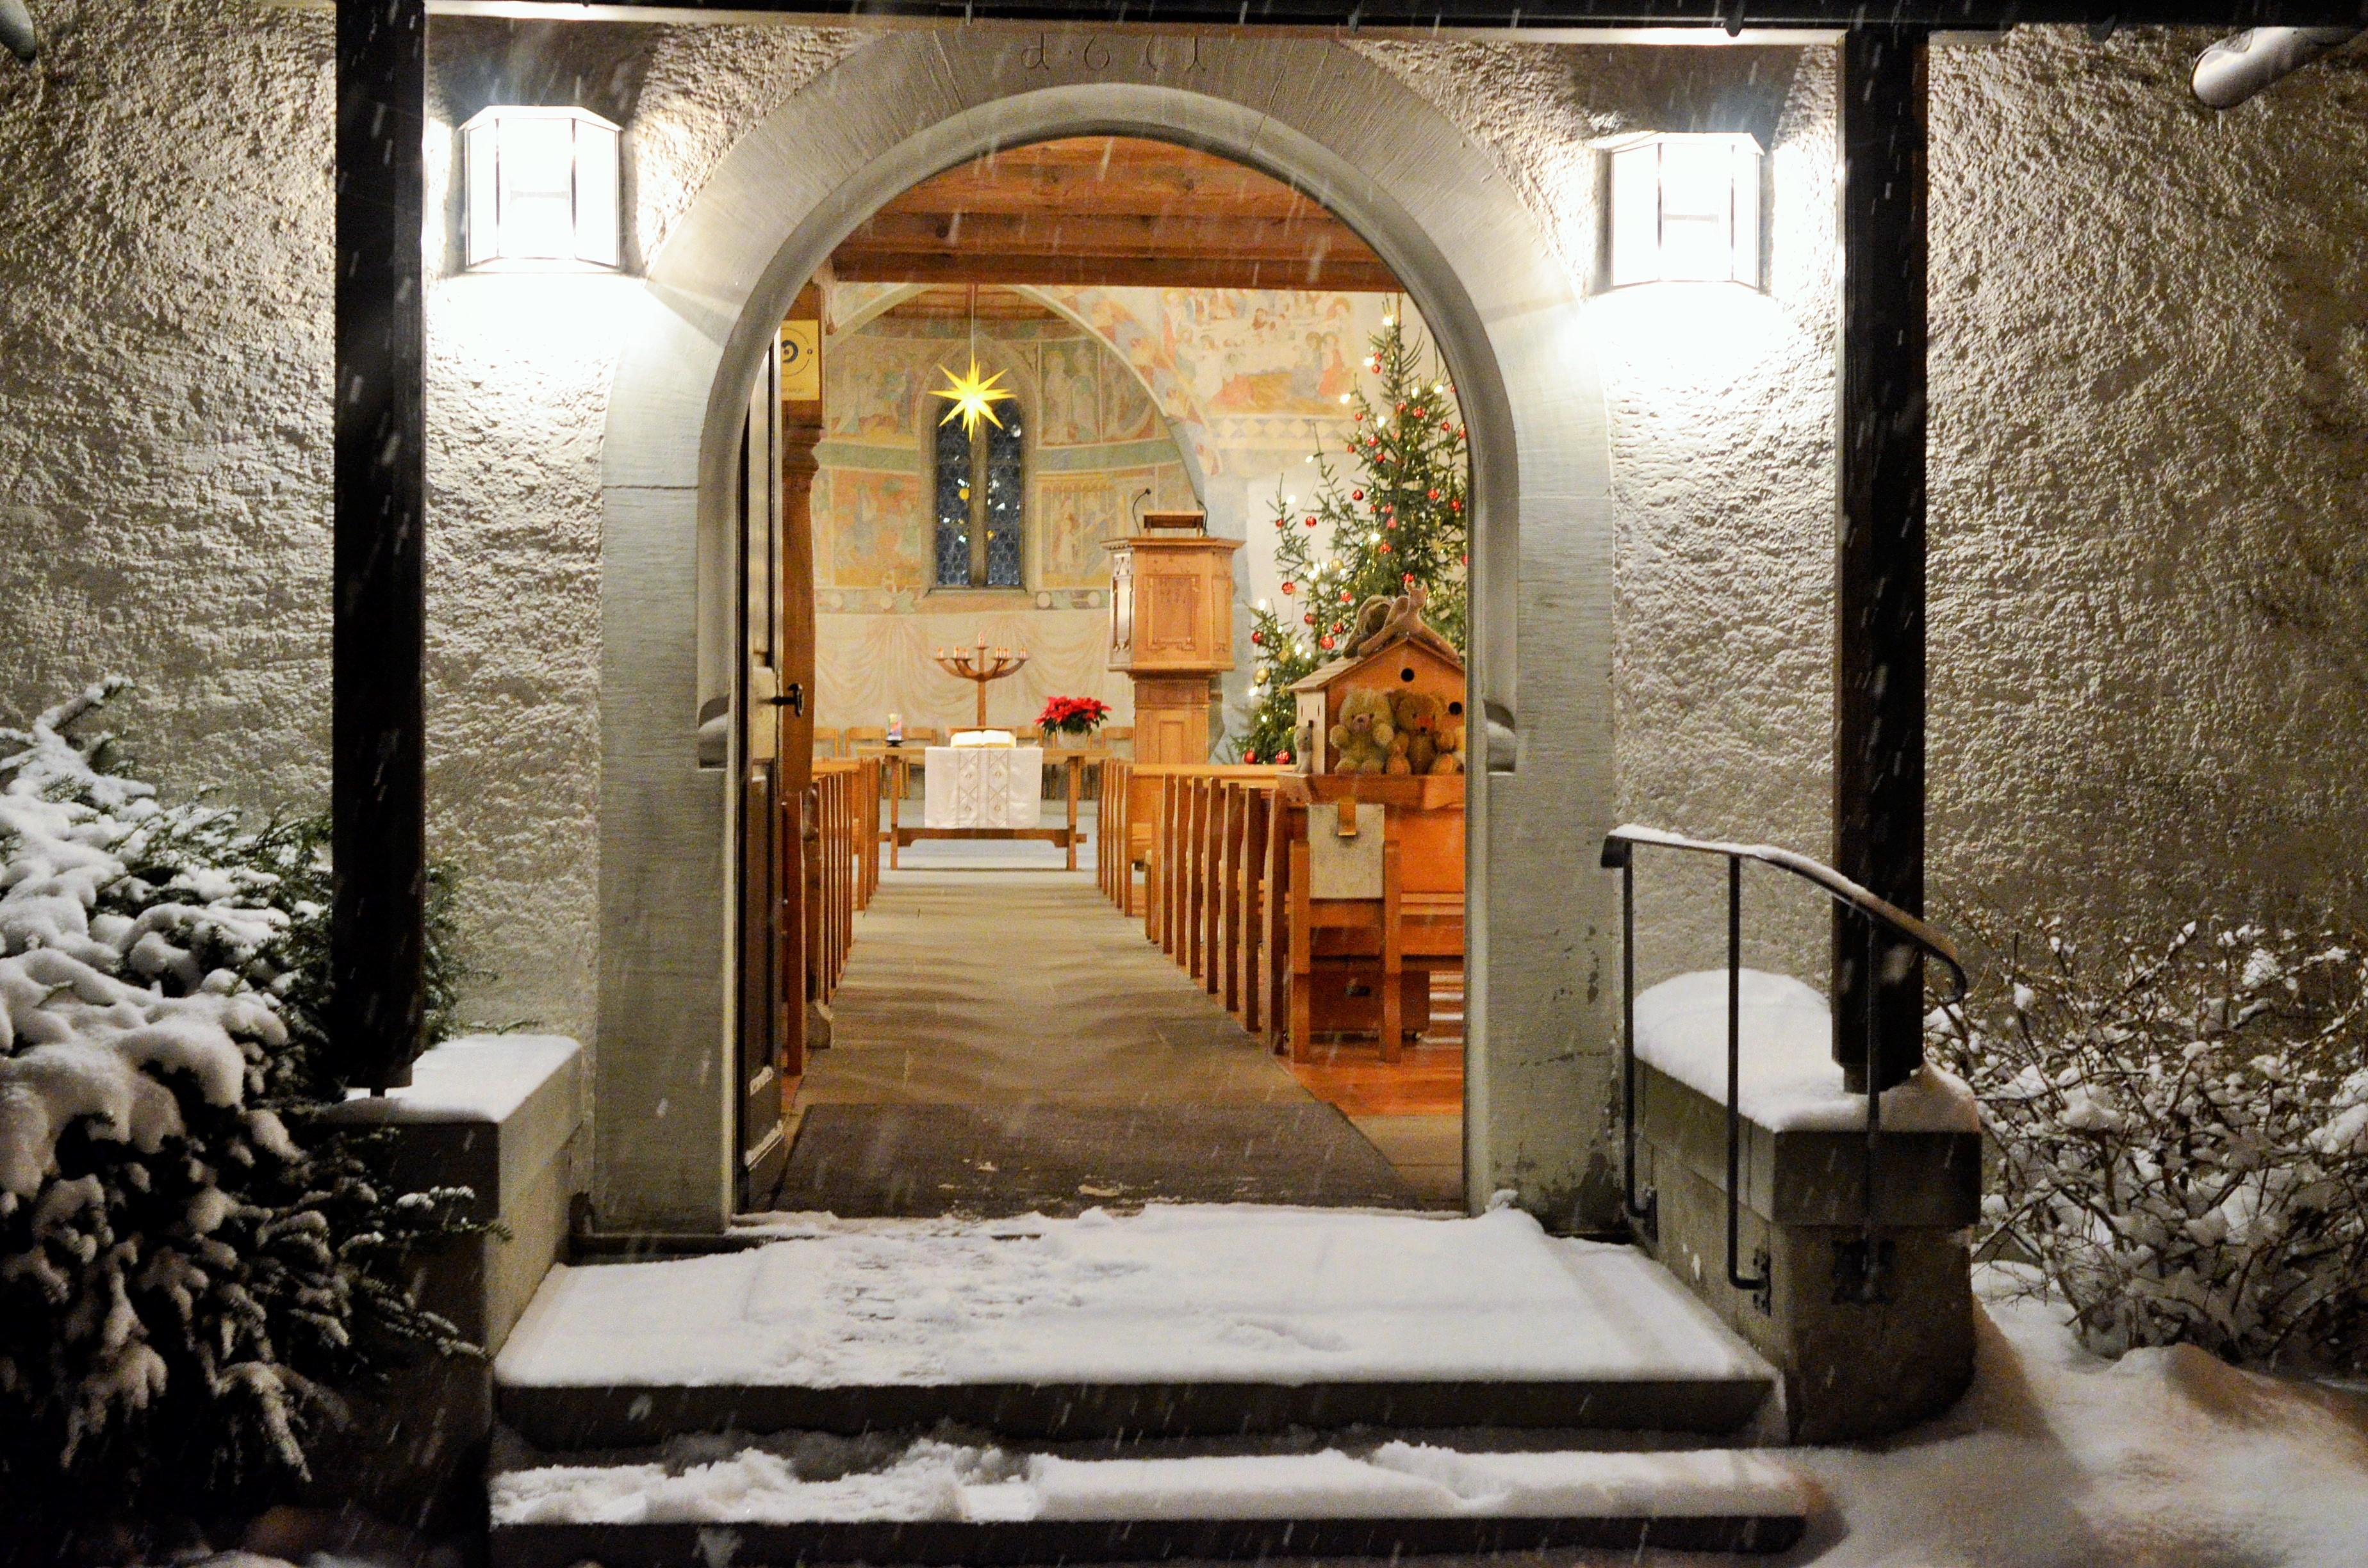 Weihnachten Kirche.24 25 Dezember In Der Kirche Burg Einstimmung Auf Heiligabend Und